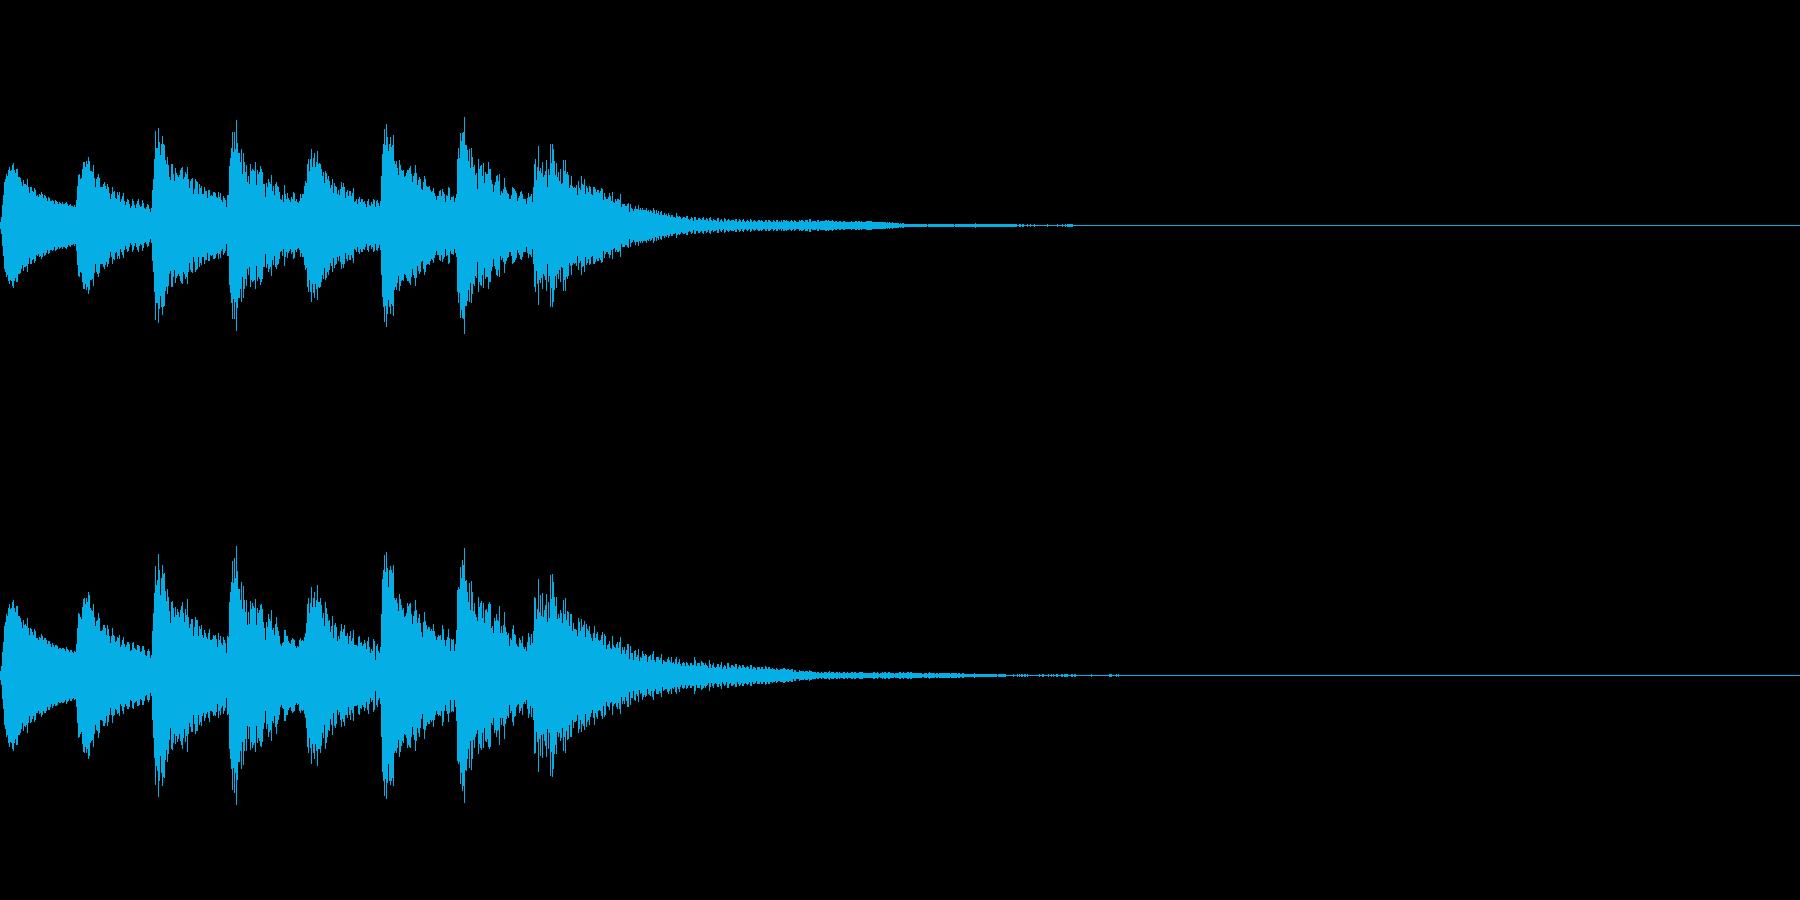 高音のシールめくり音の再生済みの波形